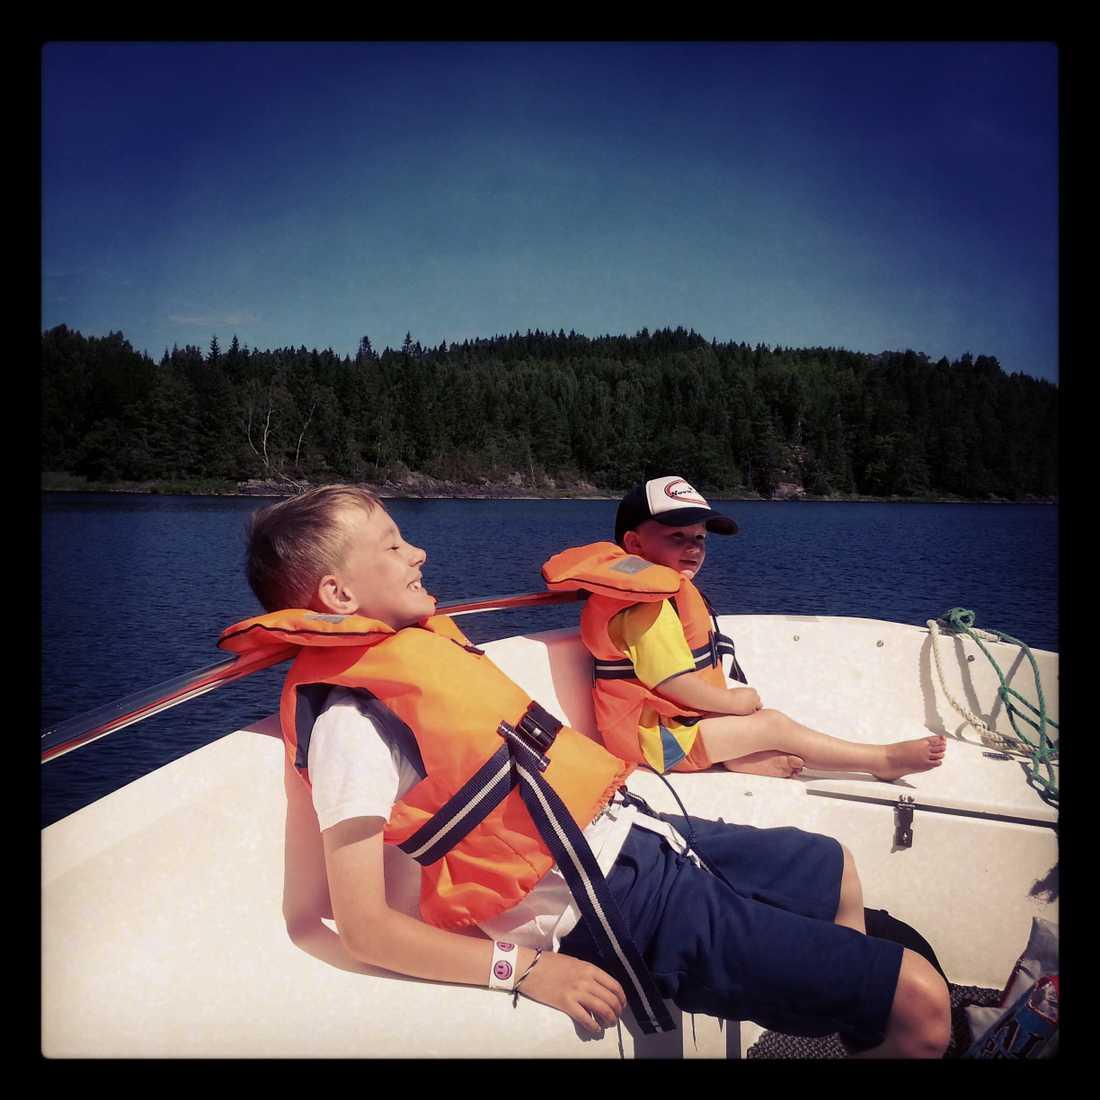 Anna-Lena Sixten njuter av båtturen i farfars båt